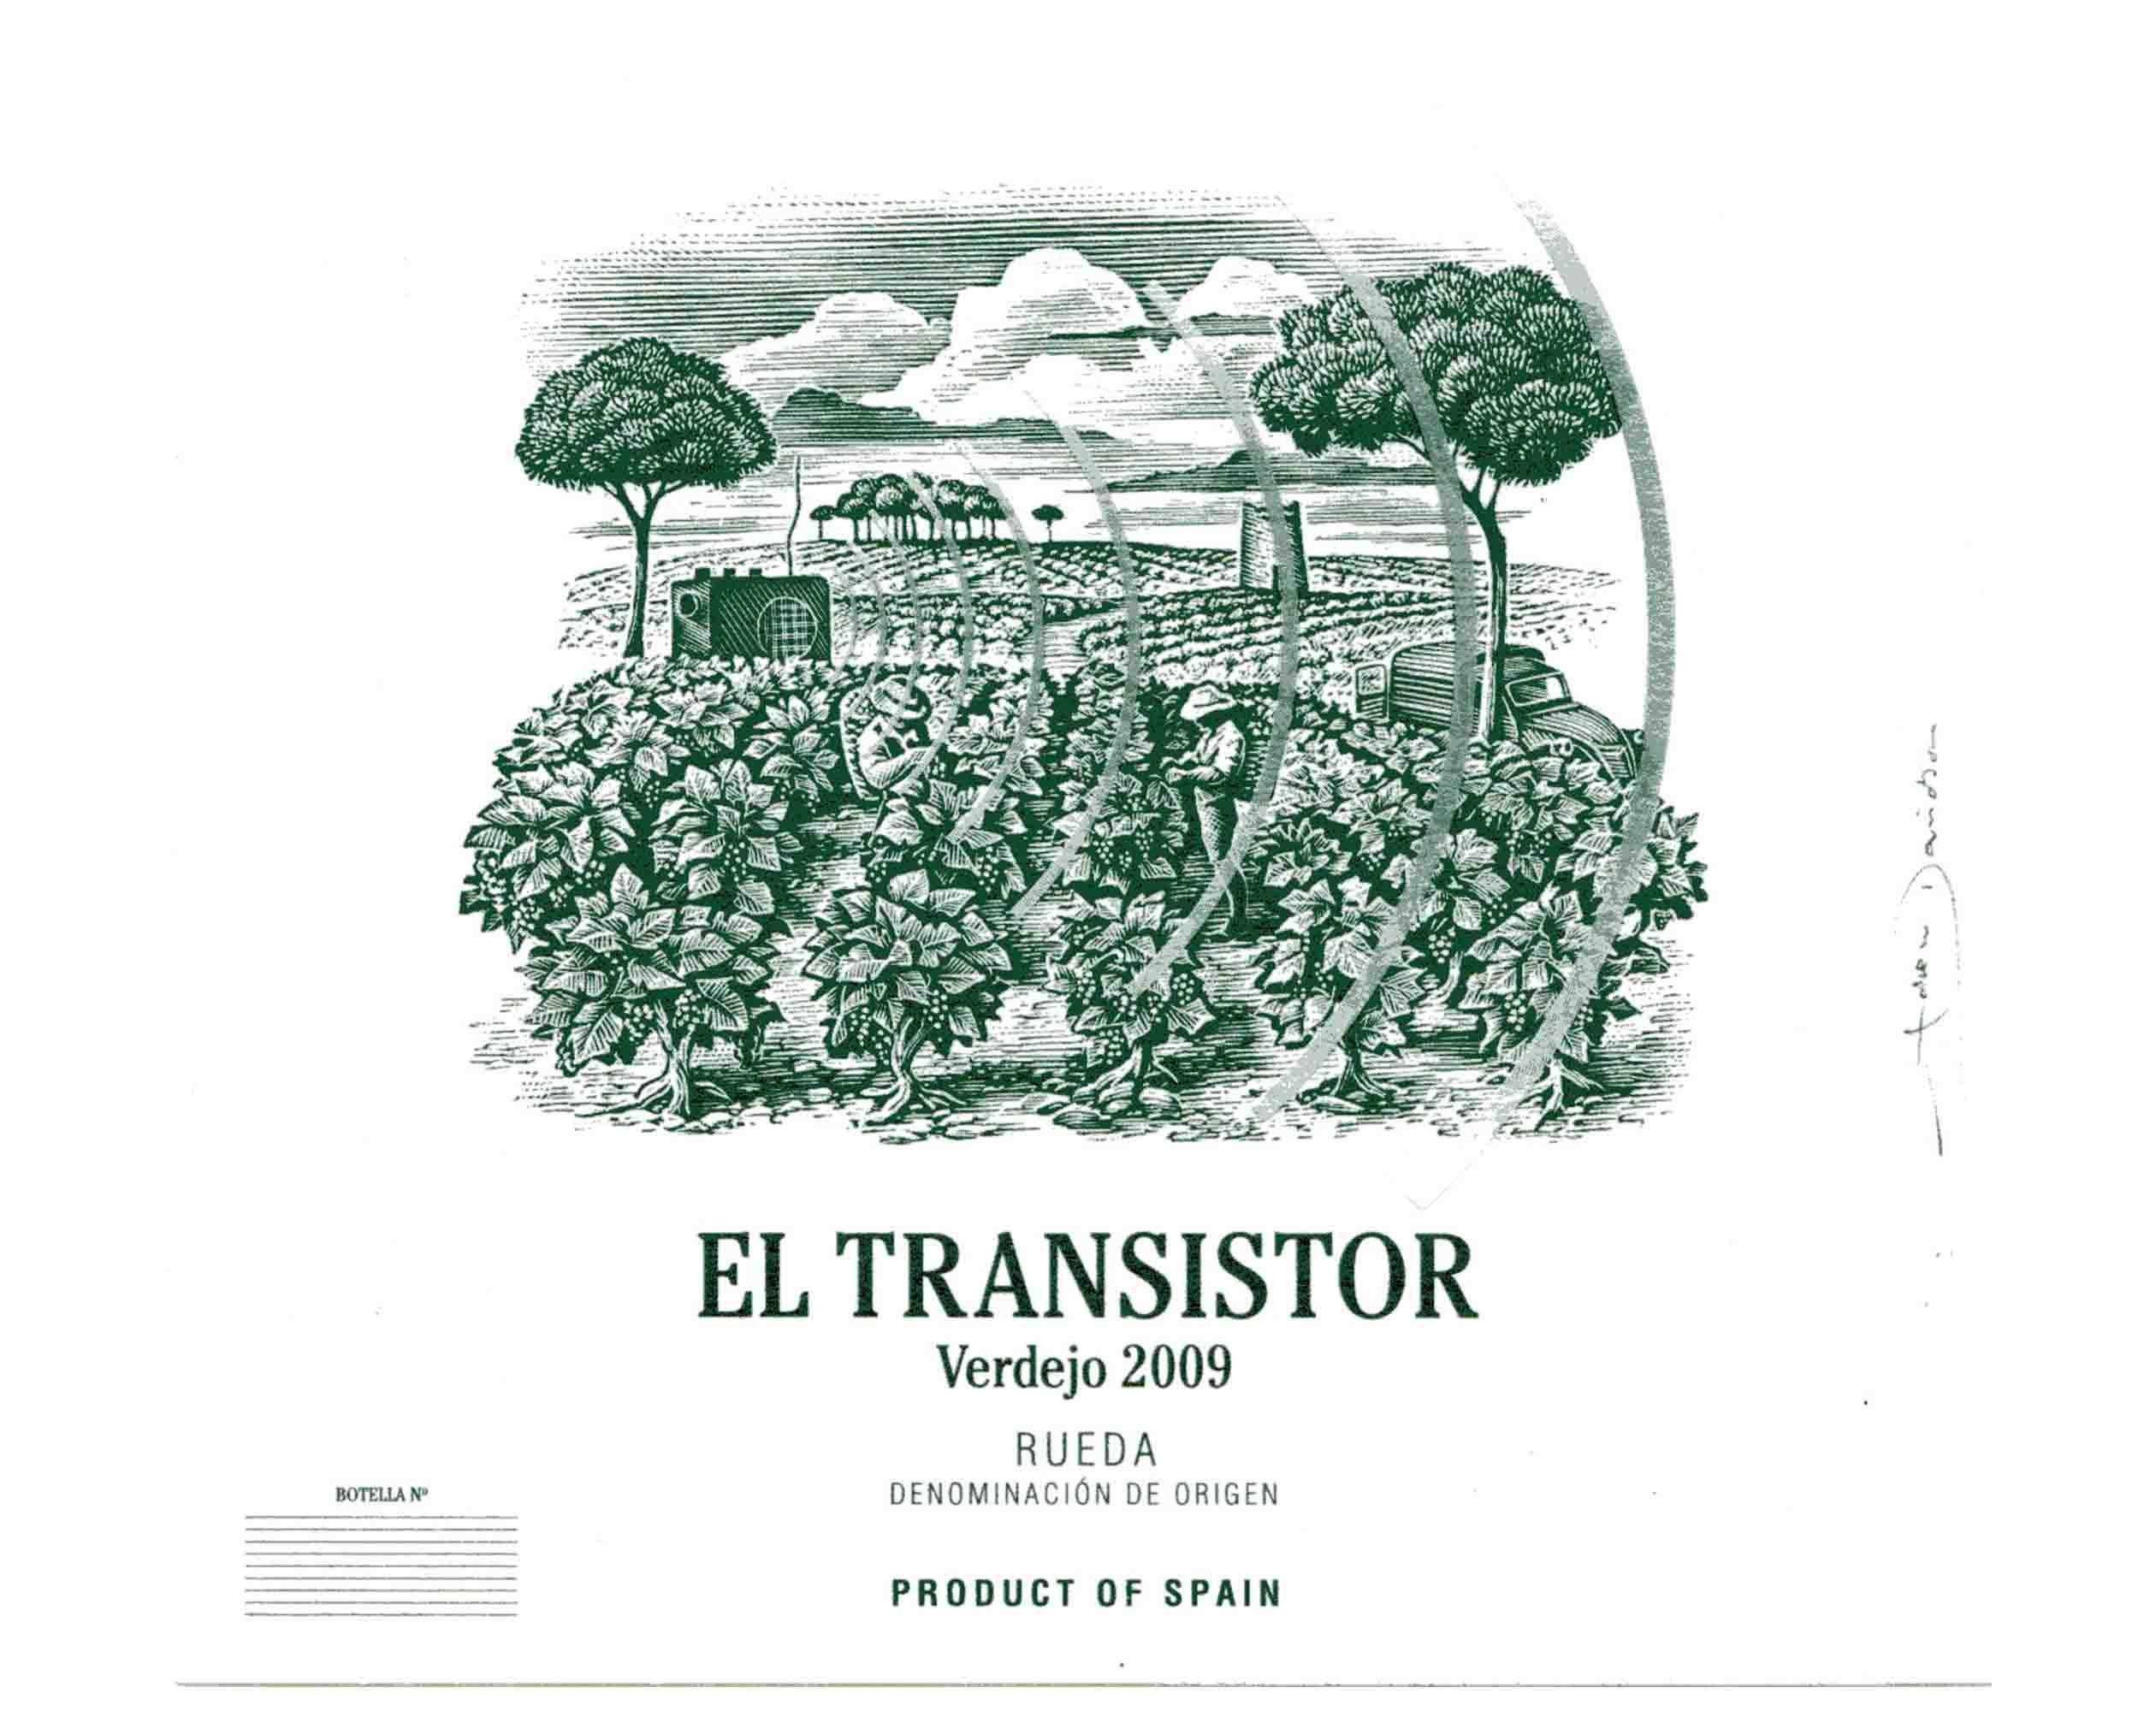 Resultado de imagen de el transistor vino